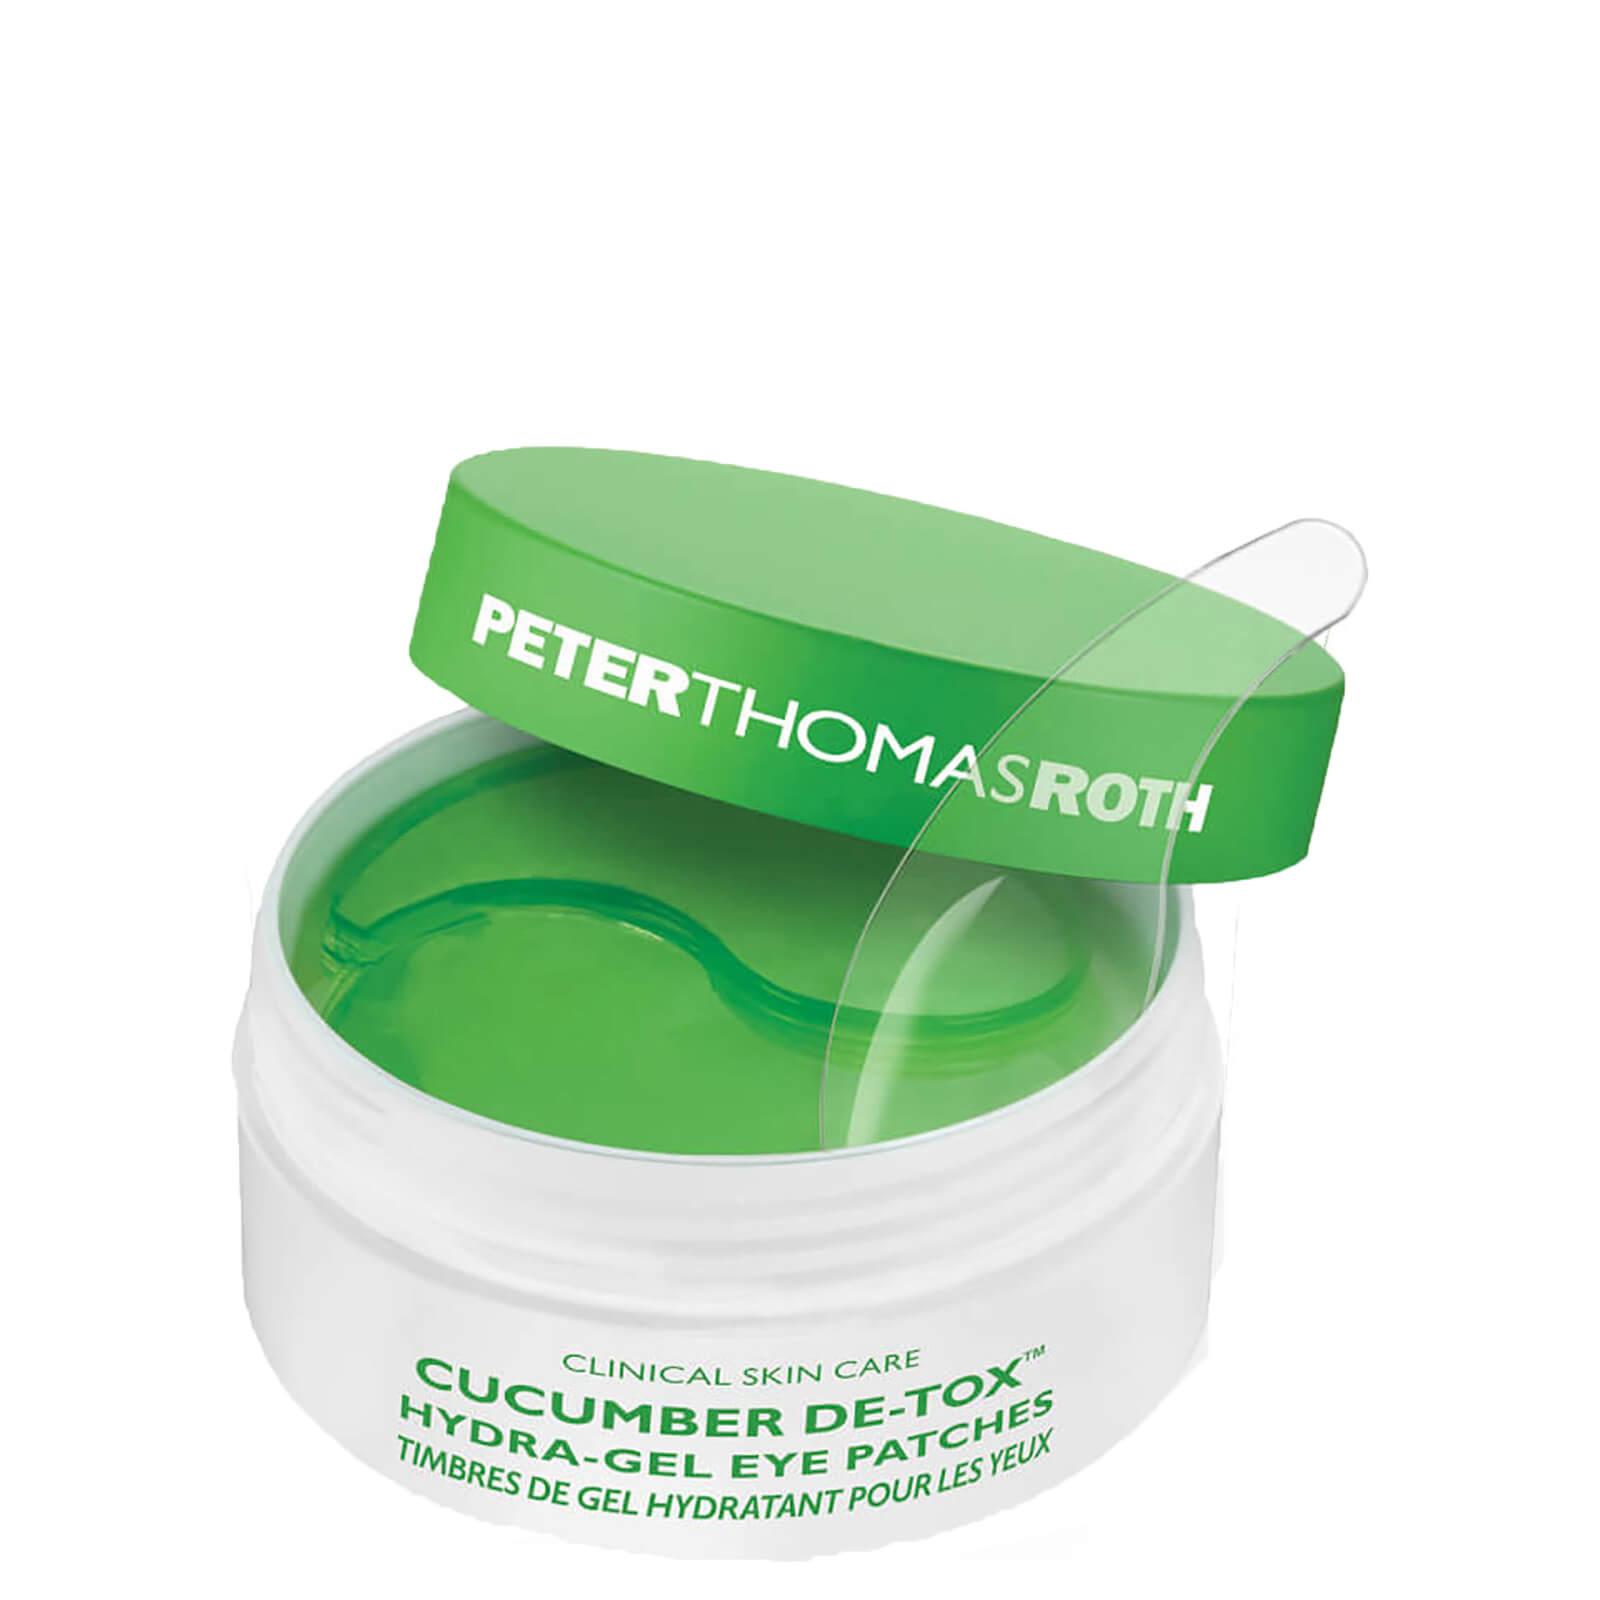 Купить Гидрогелевые патчи для кожи вокруг глаз с экстрактом огурца Peter Thomas Roth Cucumber Hydra-Gel Eye Masks